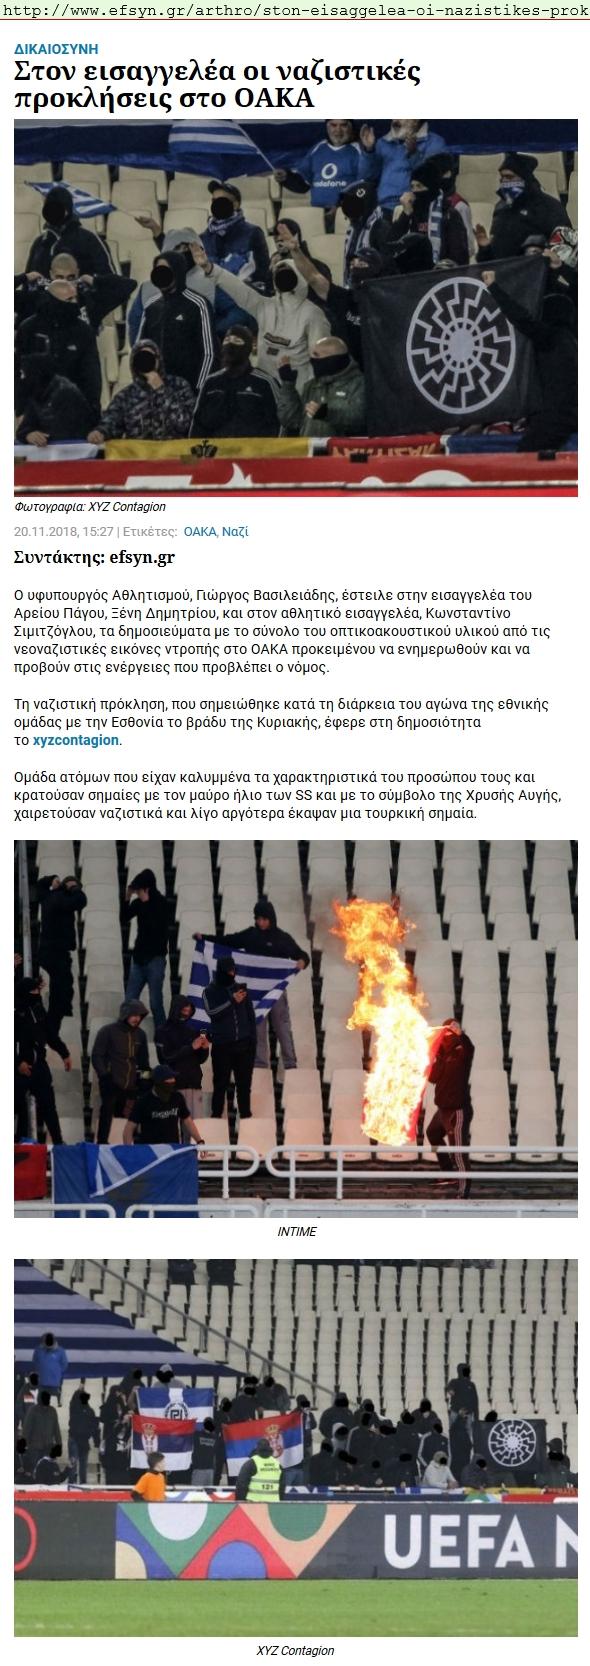 Εφημερίδα των Συντακτών, 20/11/2018: 'Ναζιστική αθλιότητα στο ΟΑΚΑ', με αναφορά στο XYZ Contagion.